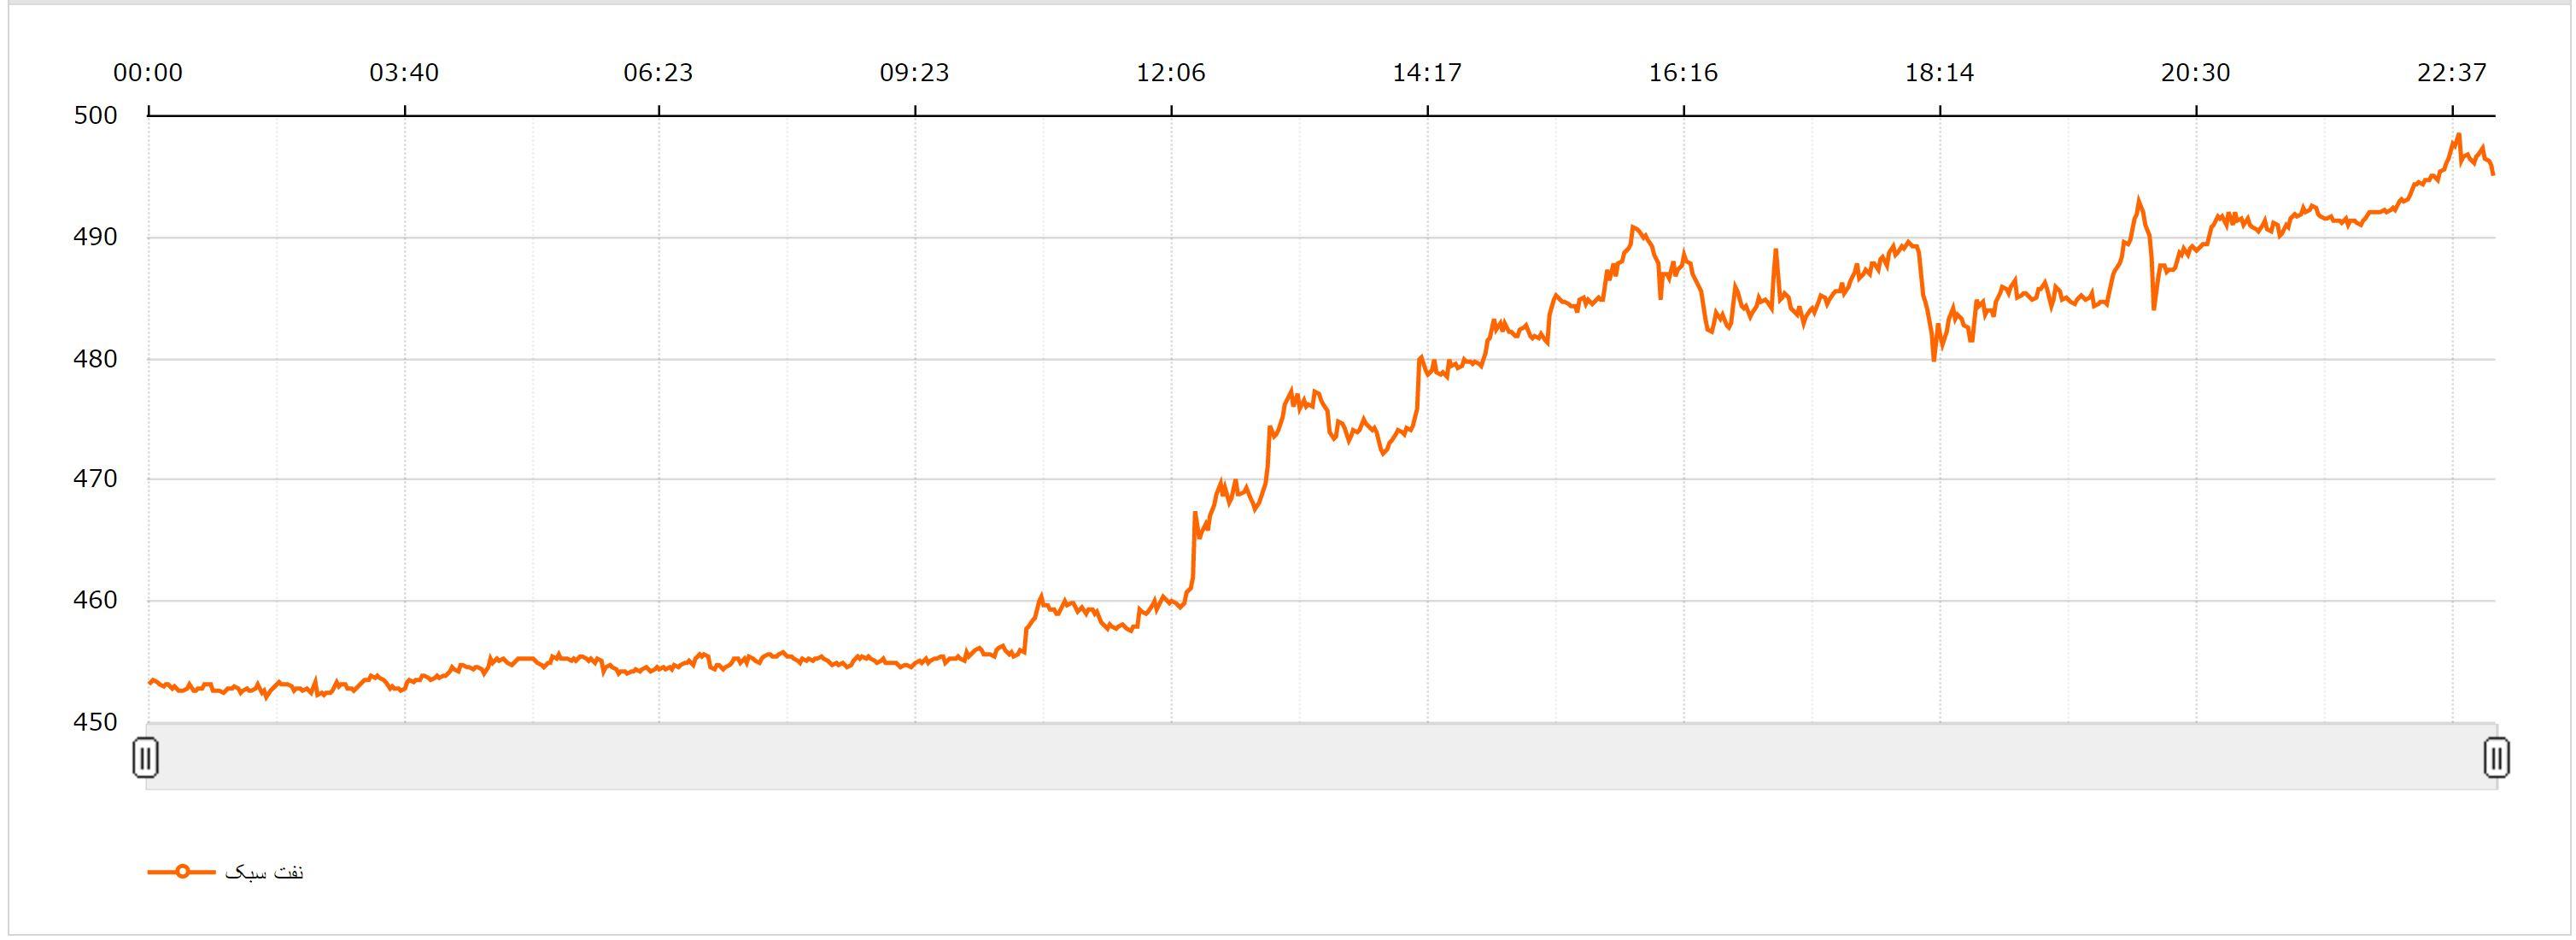 افزایش چهار دلاری قیمت نفت پس از توافق اوپک/قیمت نفت برنت به 50 دلار رسید